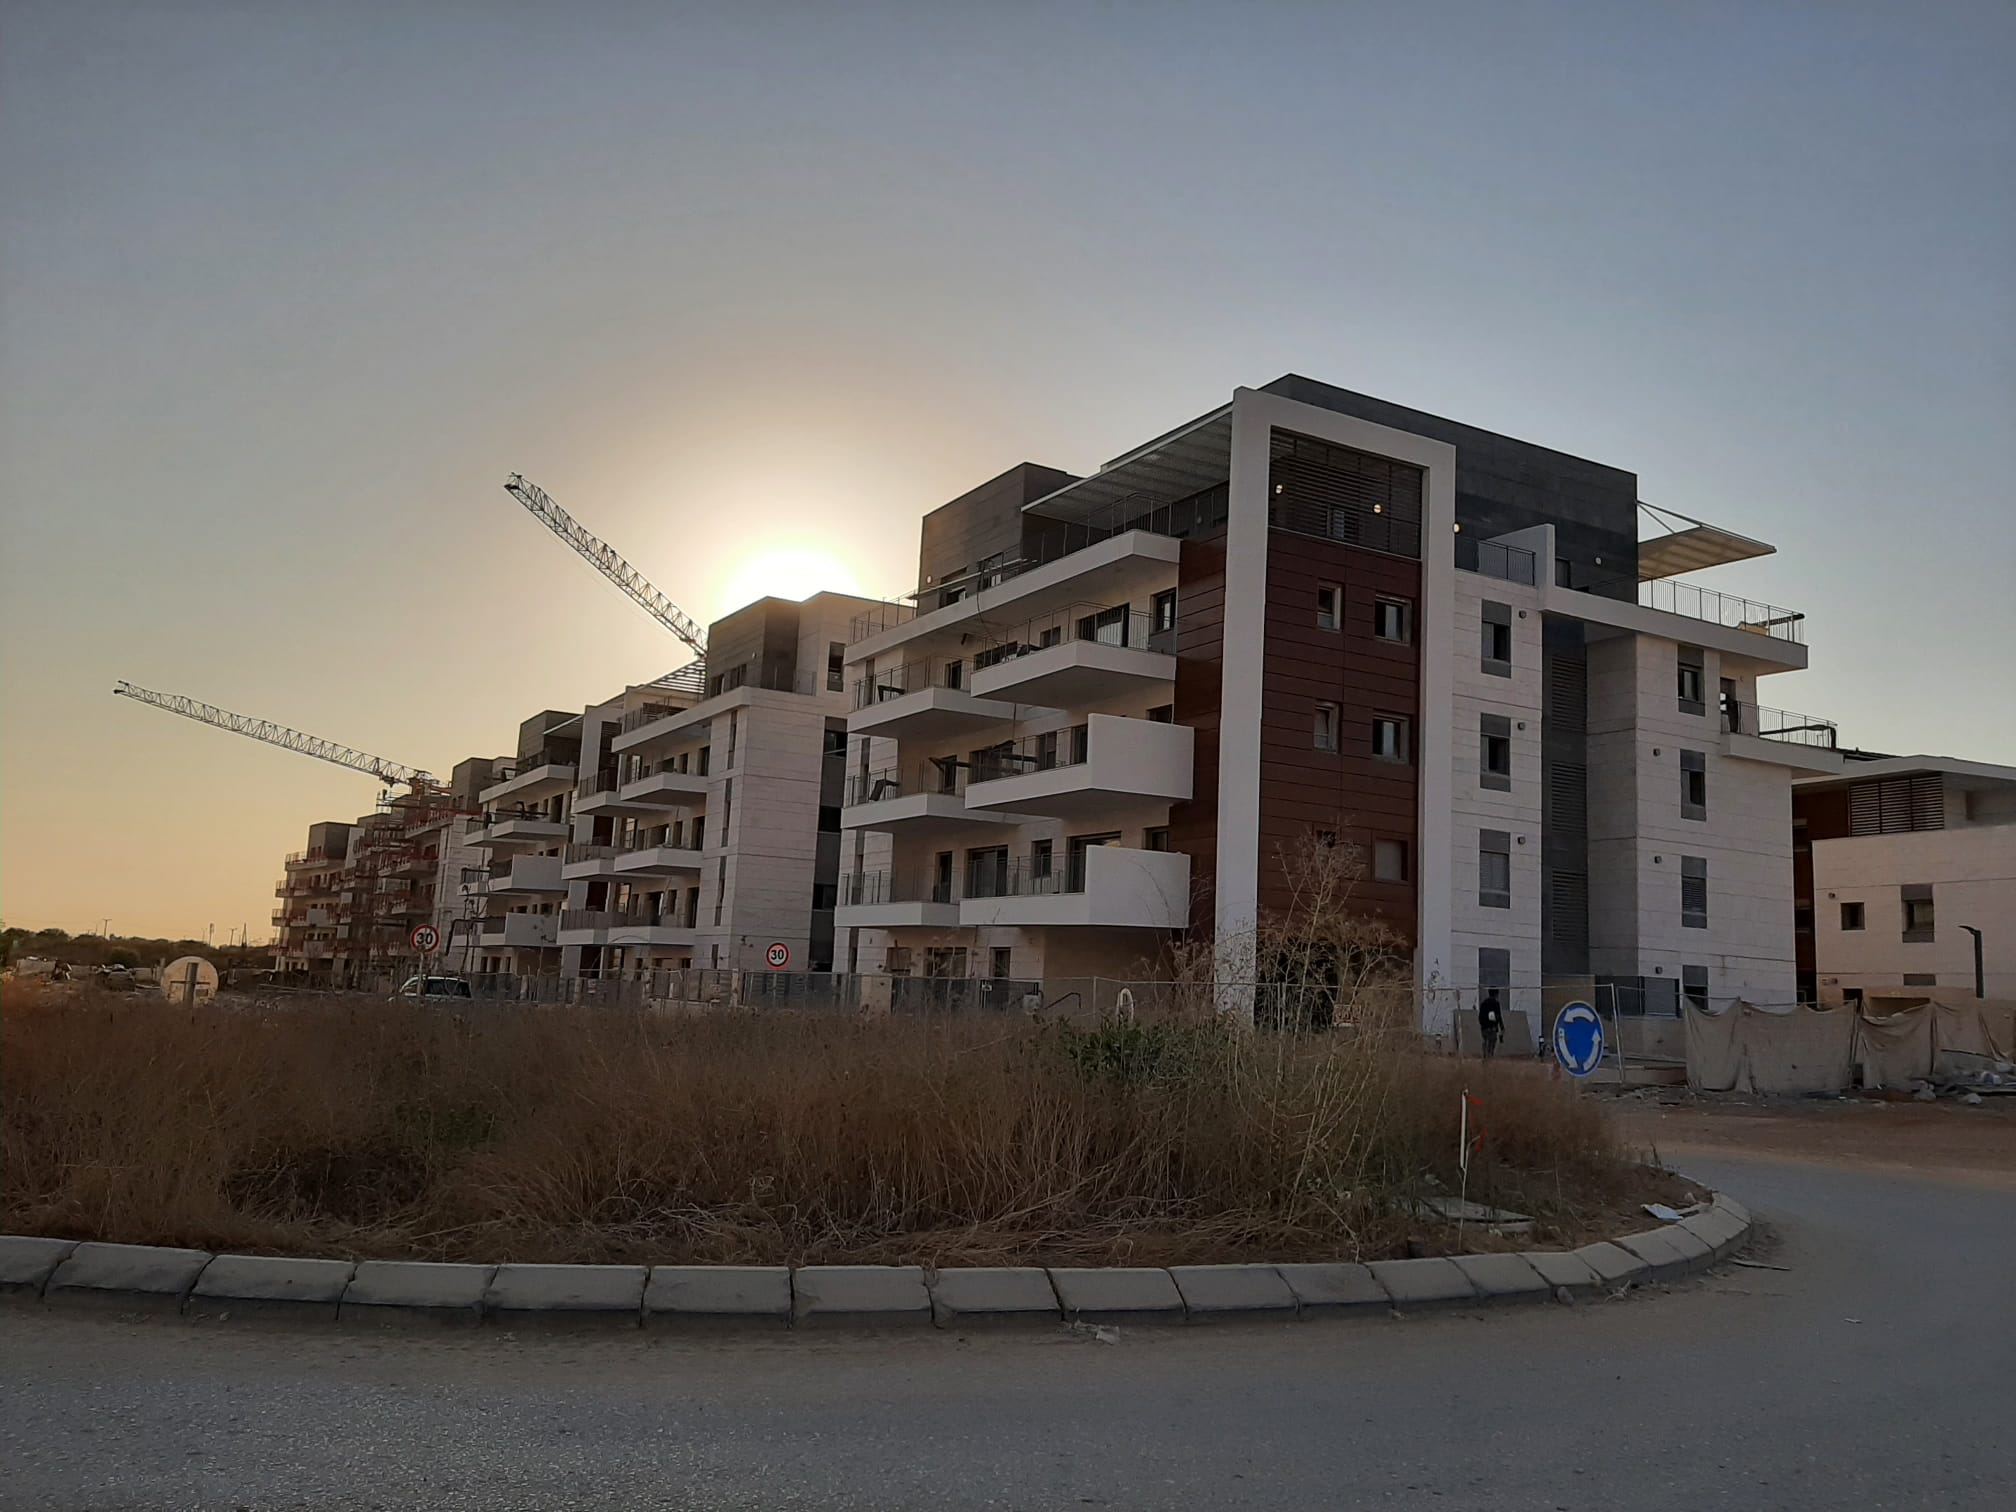 שלב א – עבודות לקראת טופס 4   שלב ב – עבודות פיתוח וריצוף   שלב ג' – עבודות שלד במרתף 12.08.2021